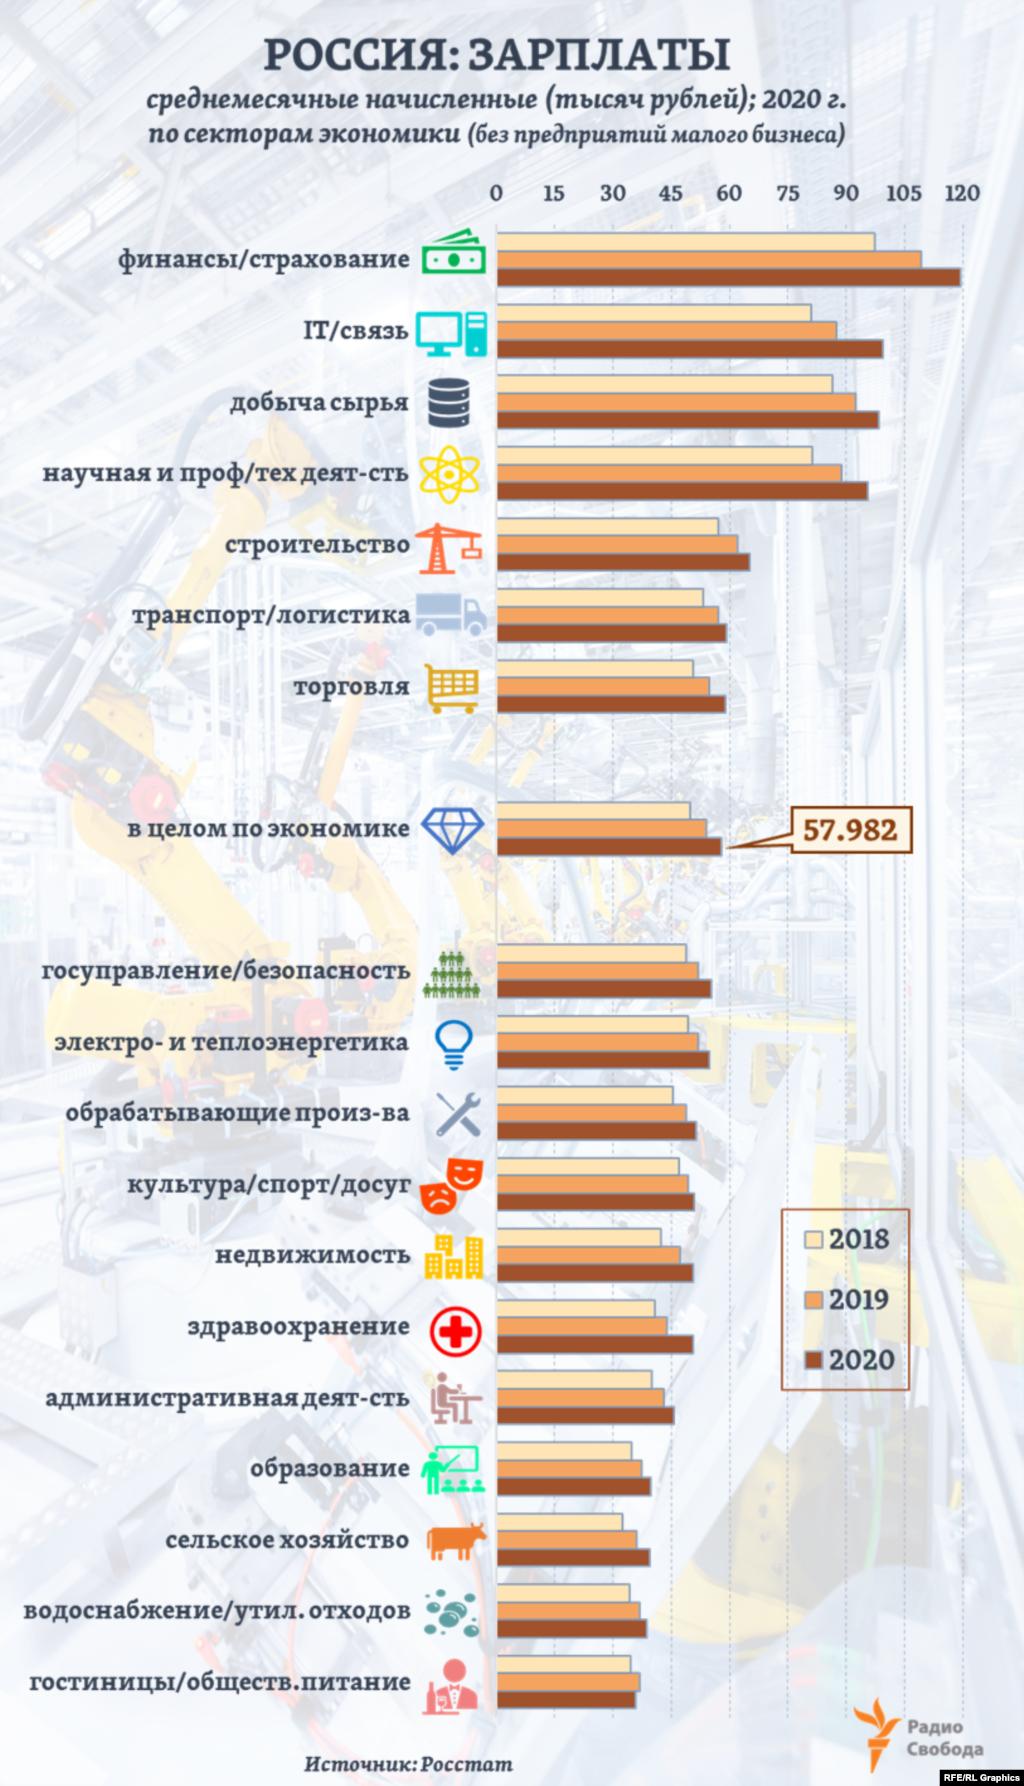 В России в 2020 году среднемесячная номинальная начисленная зарплата (по основным секторам экономики - без учета предприятий малого бизнеса) составила около 58 тысяч рублей. При этом разрыв между отраслями-лидерами по зарплатам и отраслями с минимальными средними заработками оказывается трехкратным и даже более. Для сравнения, в среднем по странам ЕС этот разрыв – в 1,5-2 раза меньший.